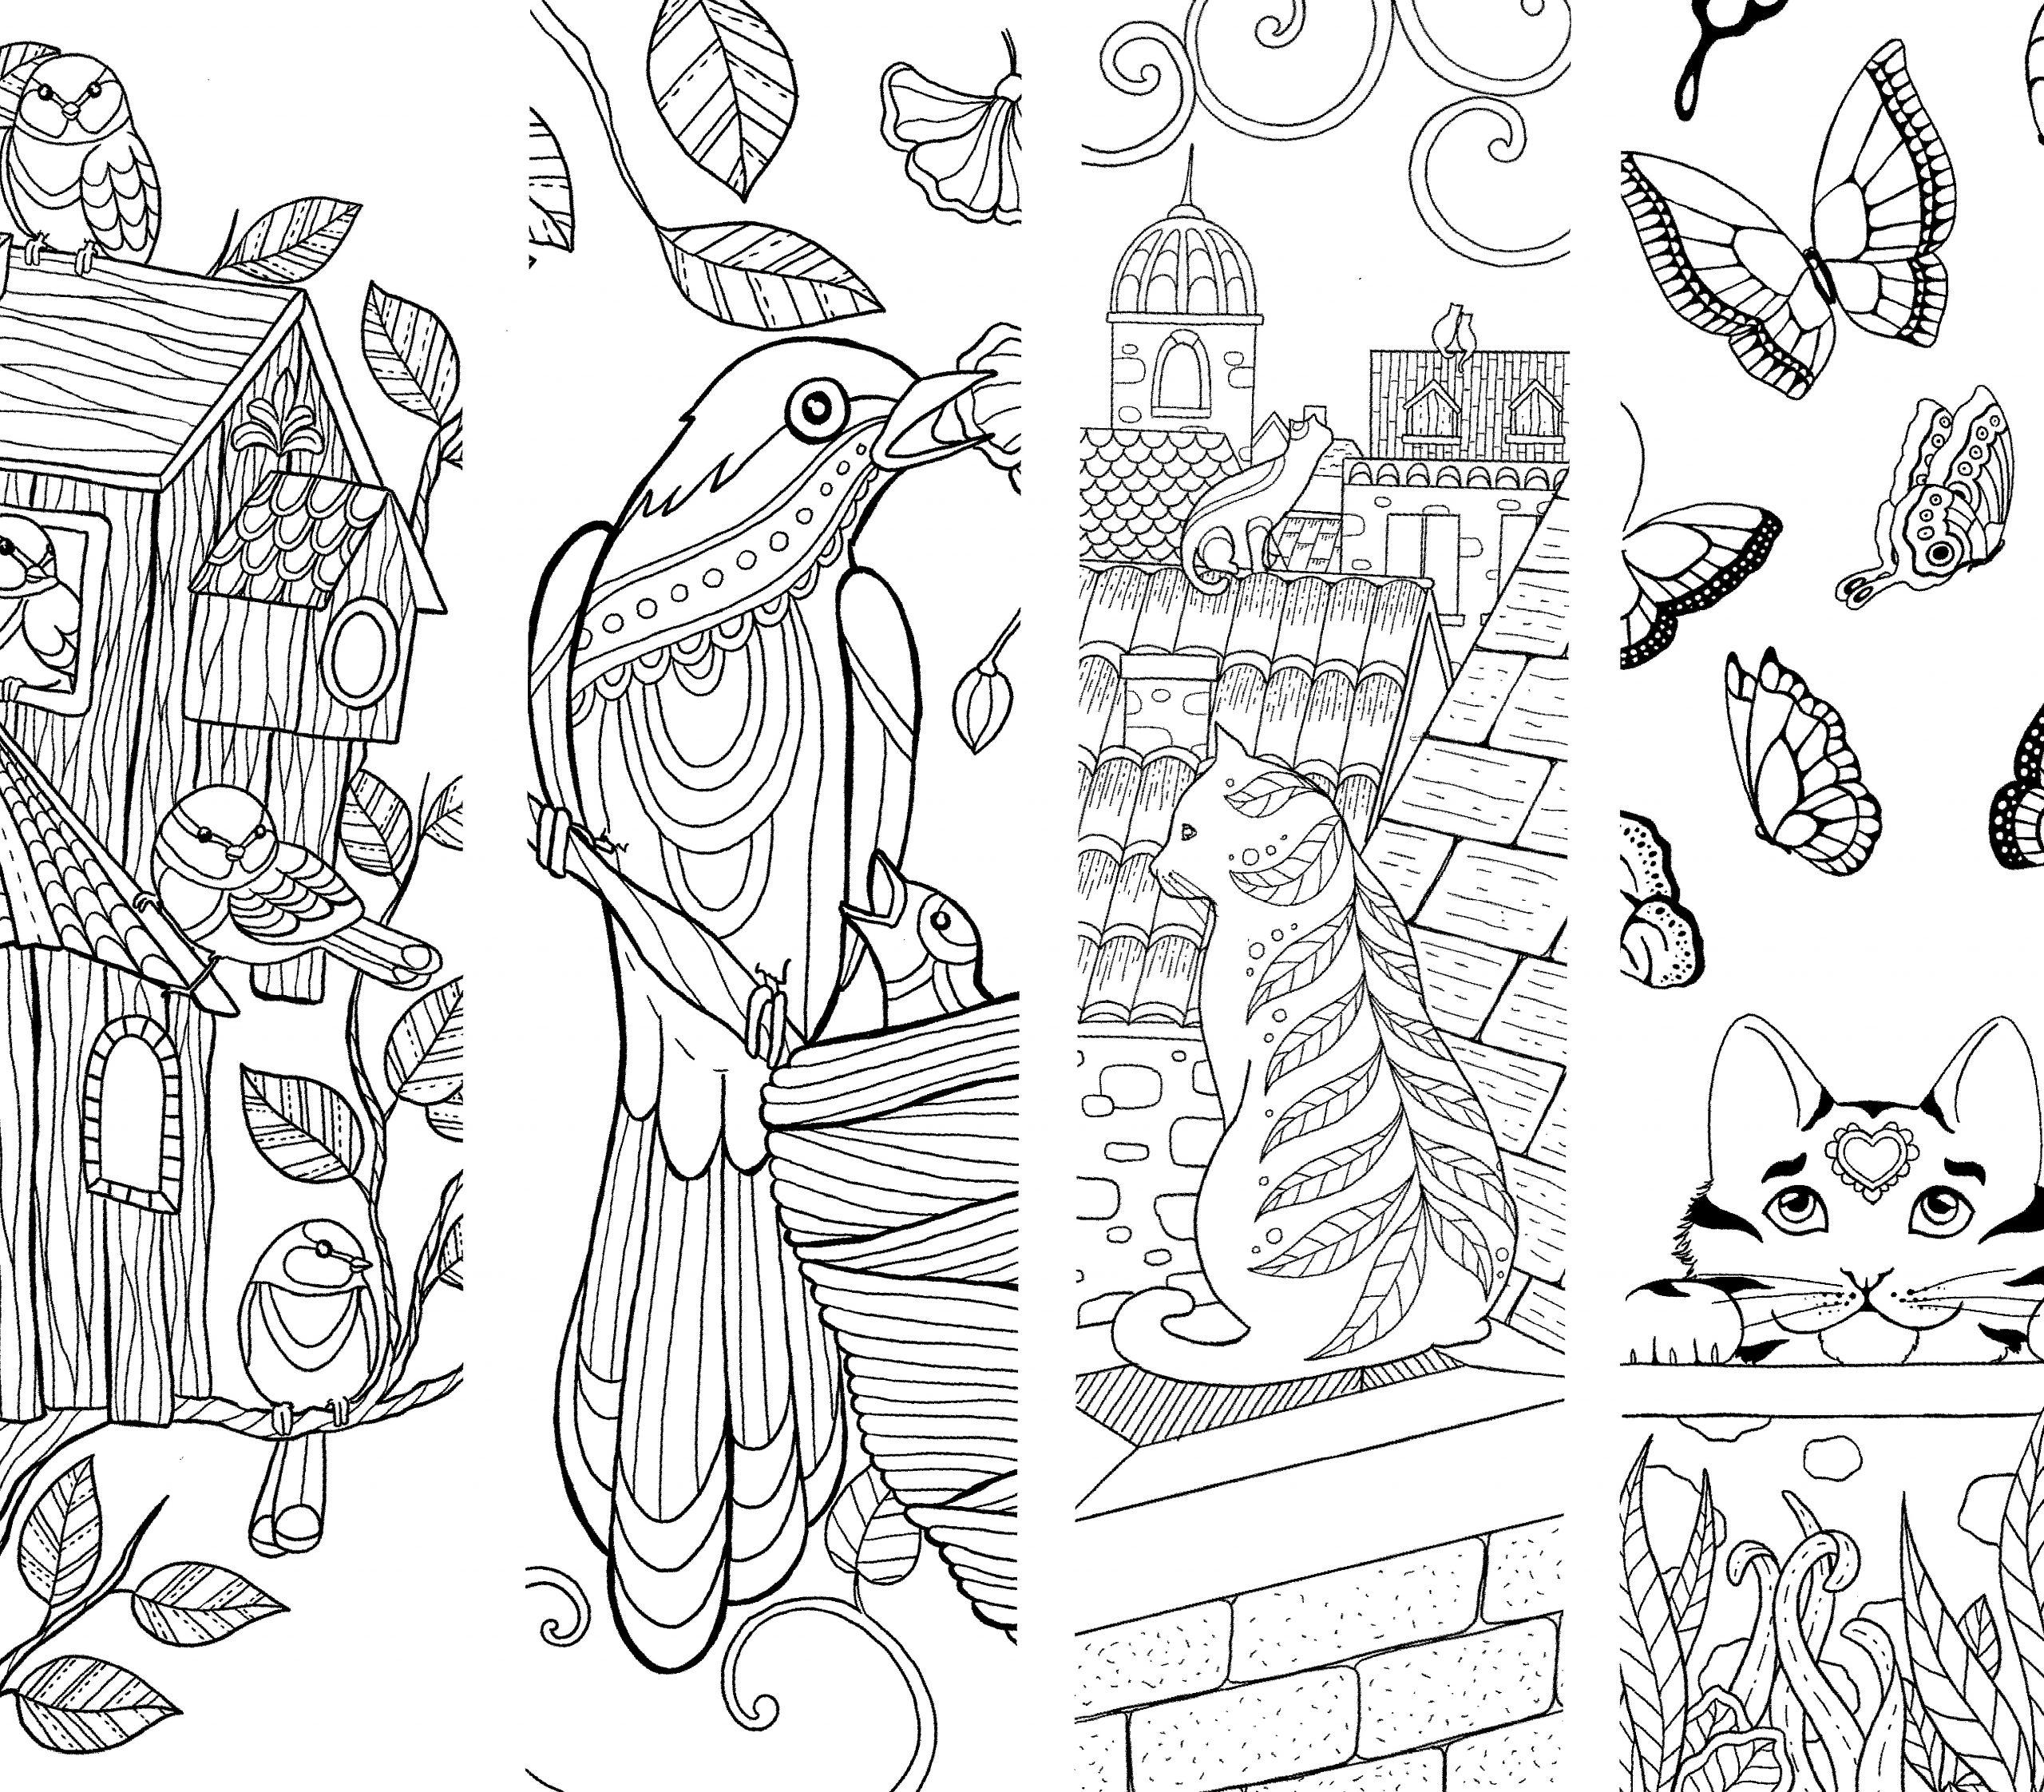 Coloriage Pour Enfants Et Adultes, Mandala intérieur Marque Page À Colorier